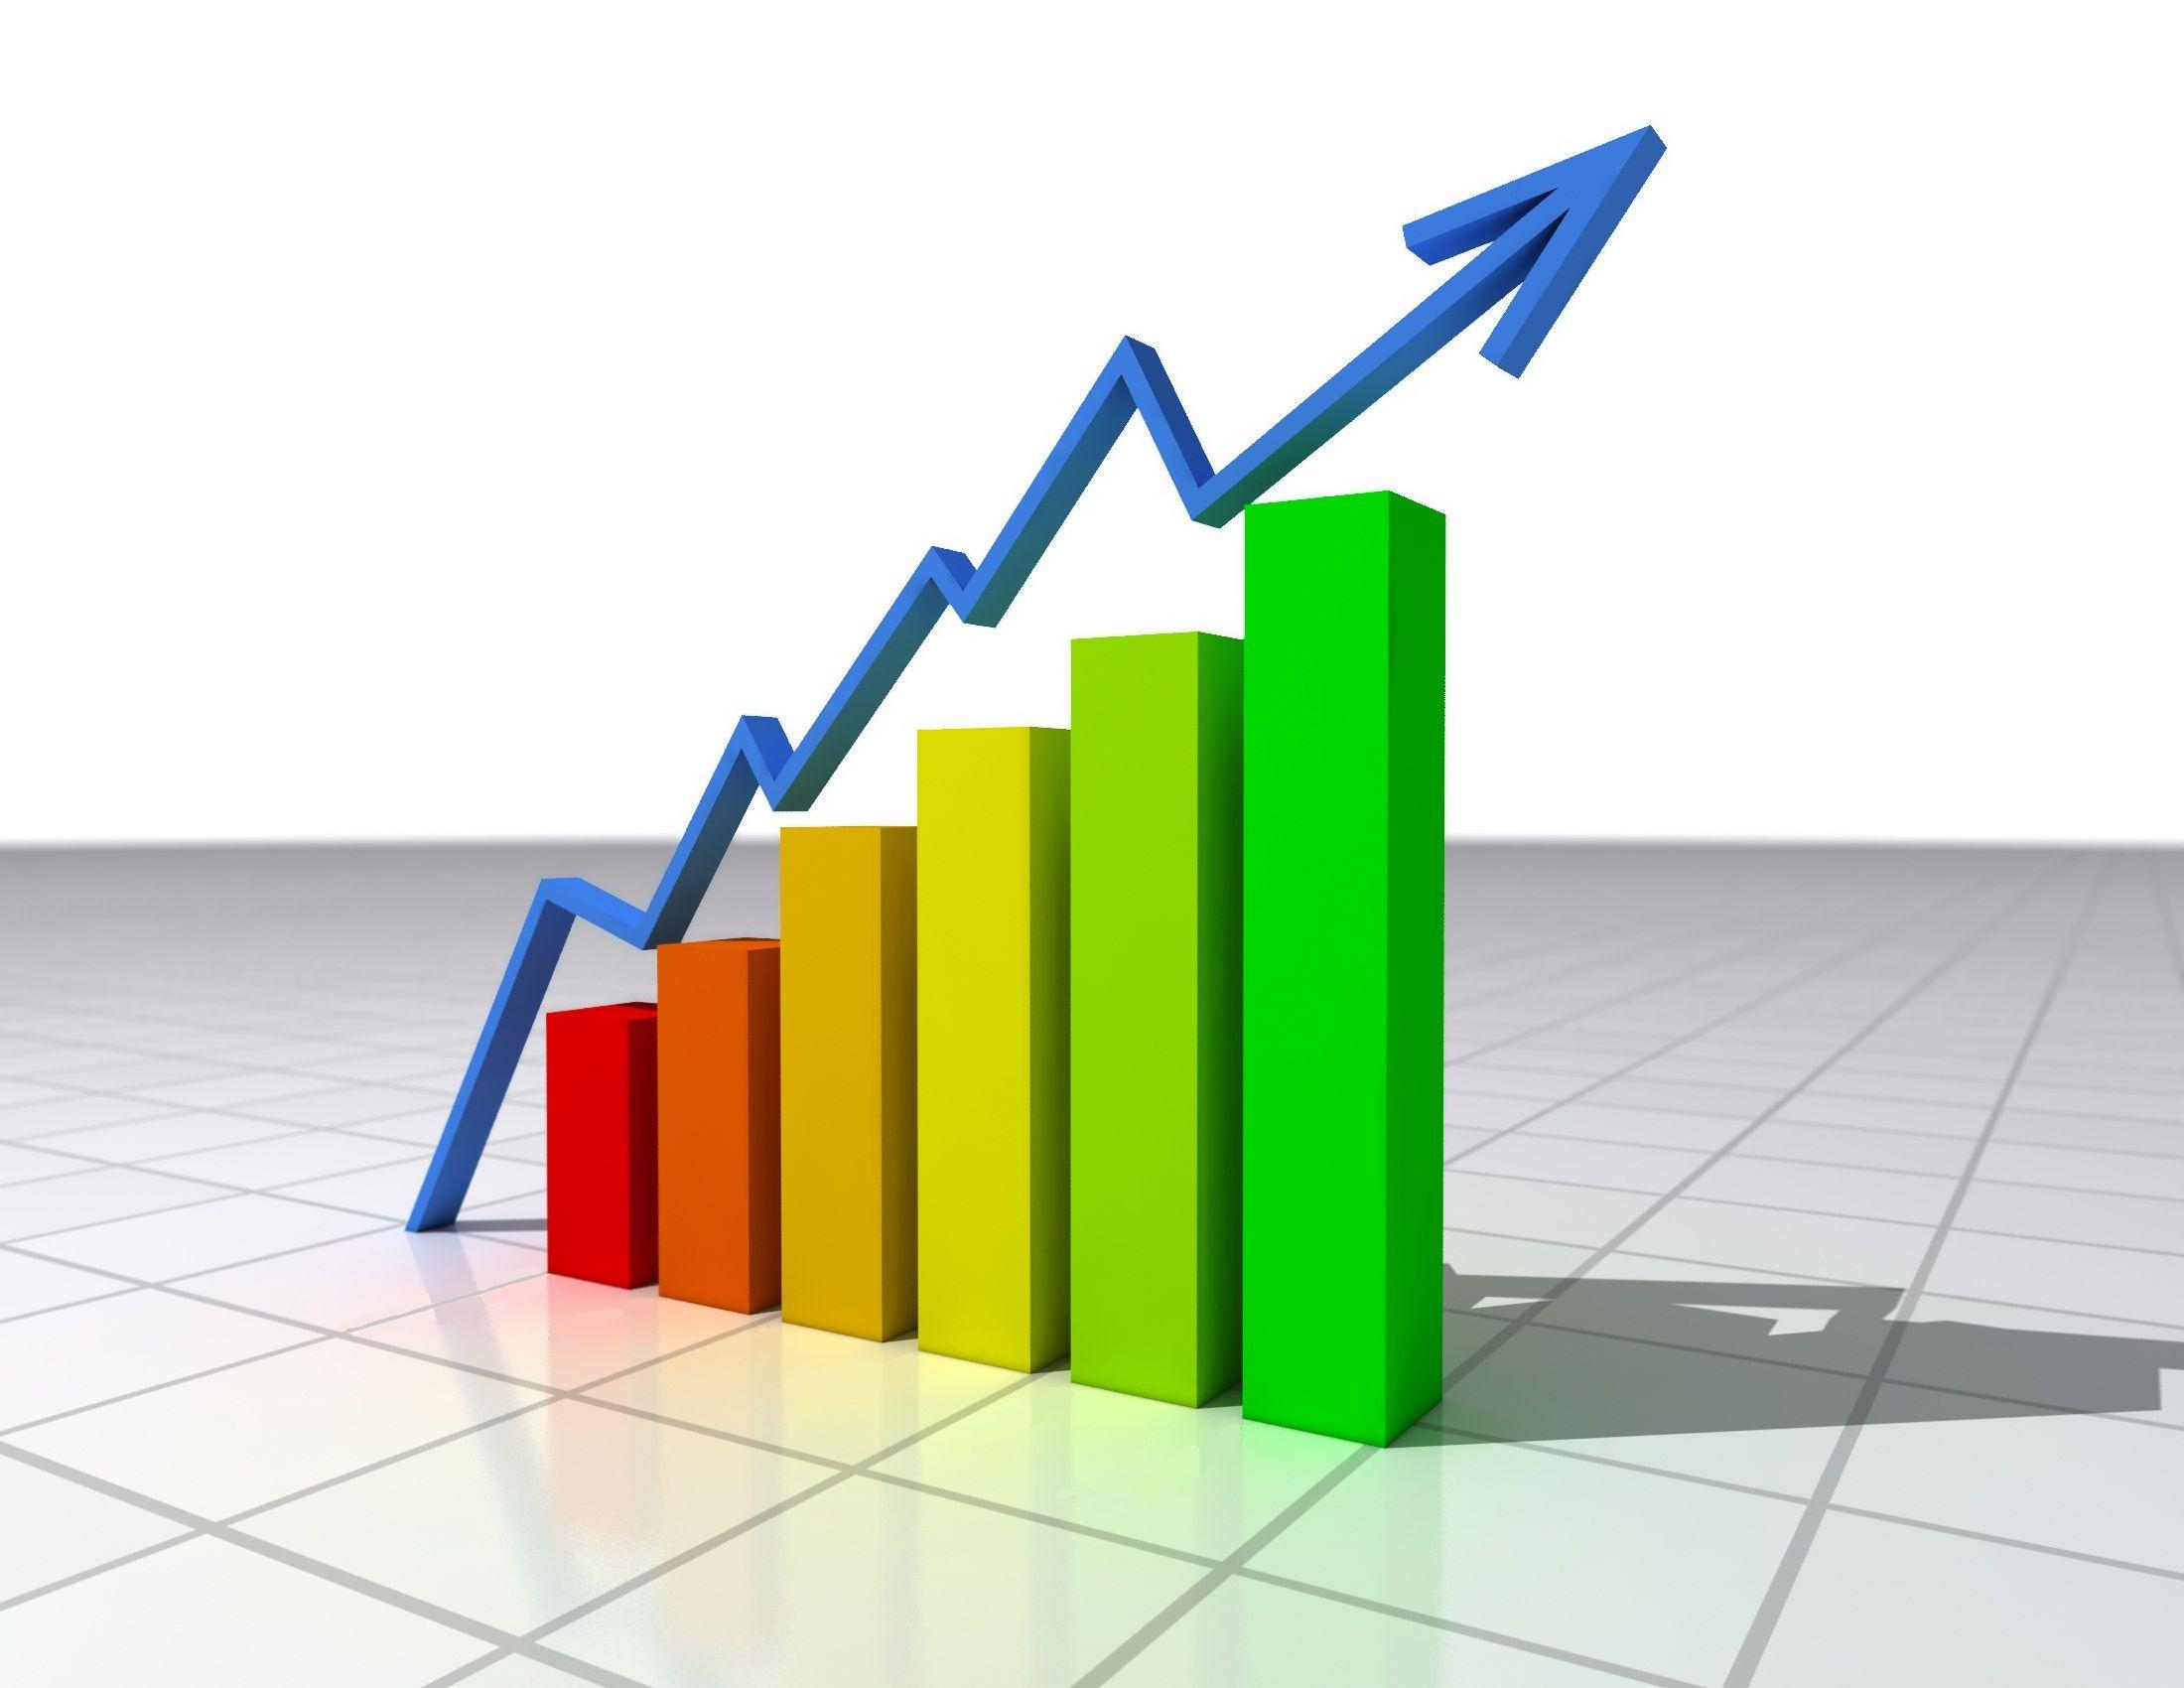 Рейтинг Краснодарского края состабильным прогнозом подтвердило АКРА